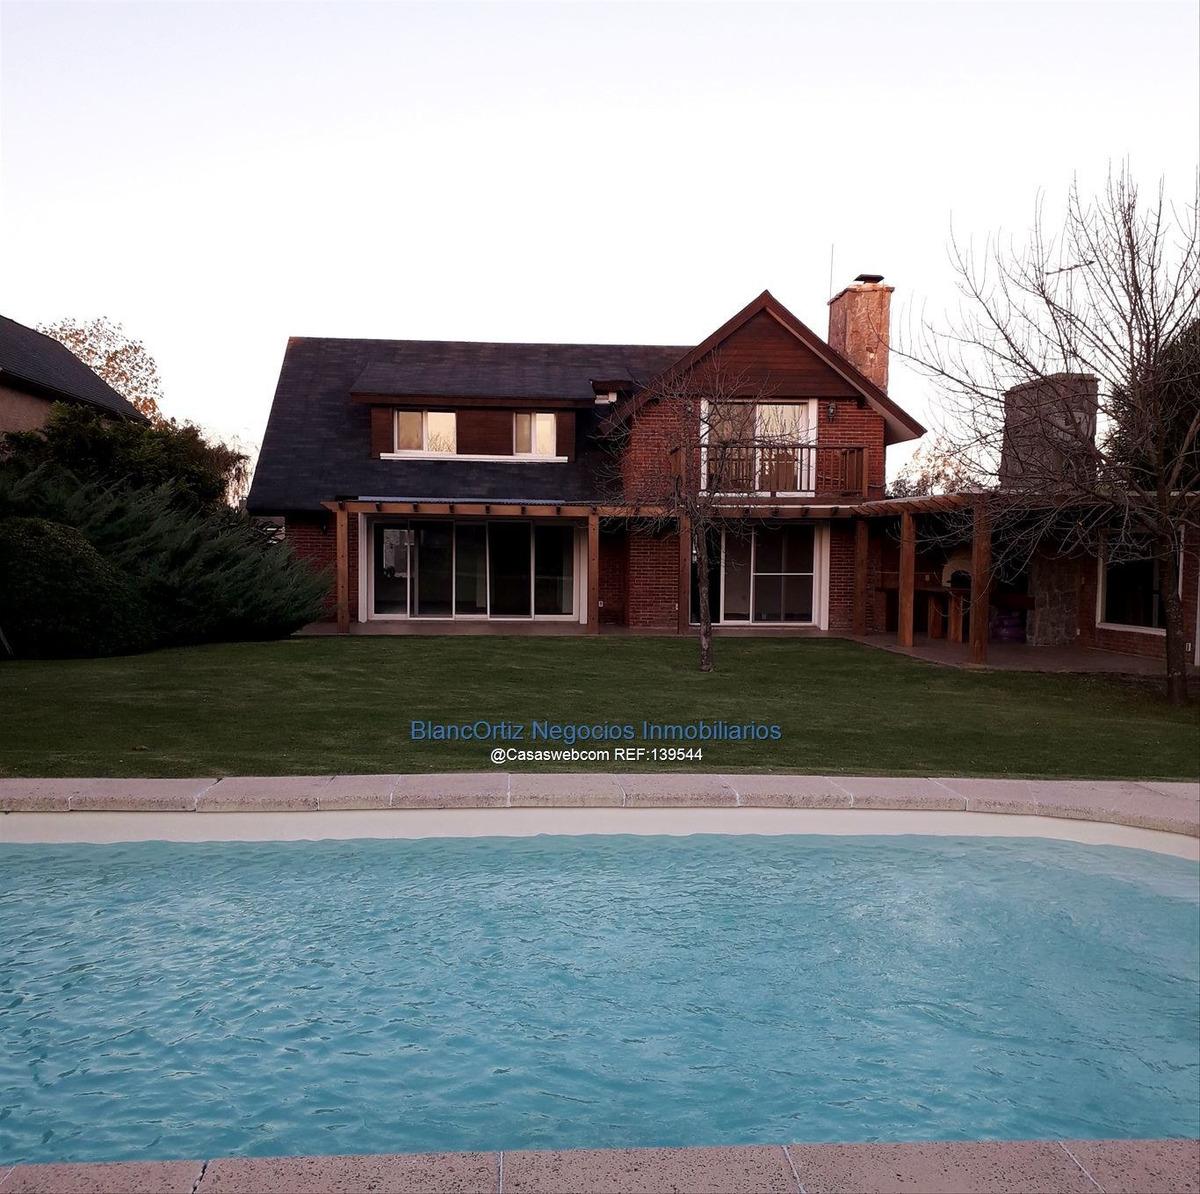 se vende/alquila casa en la tahona 3 dormitorios piscina